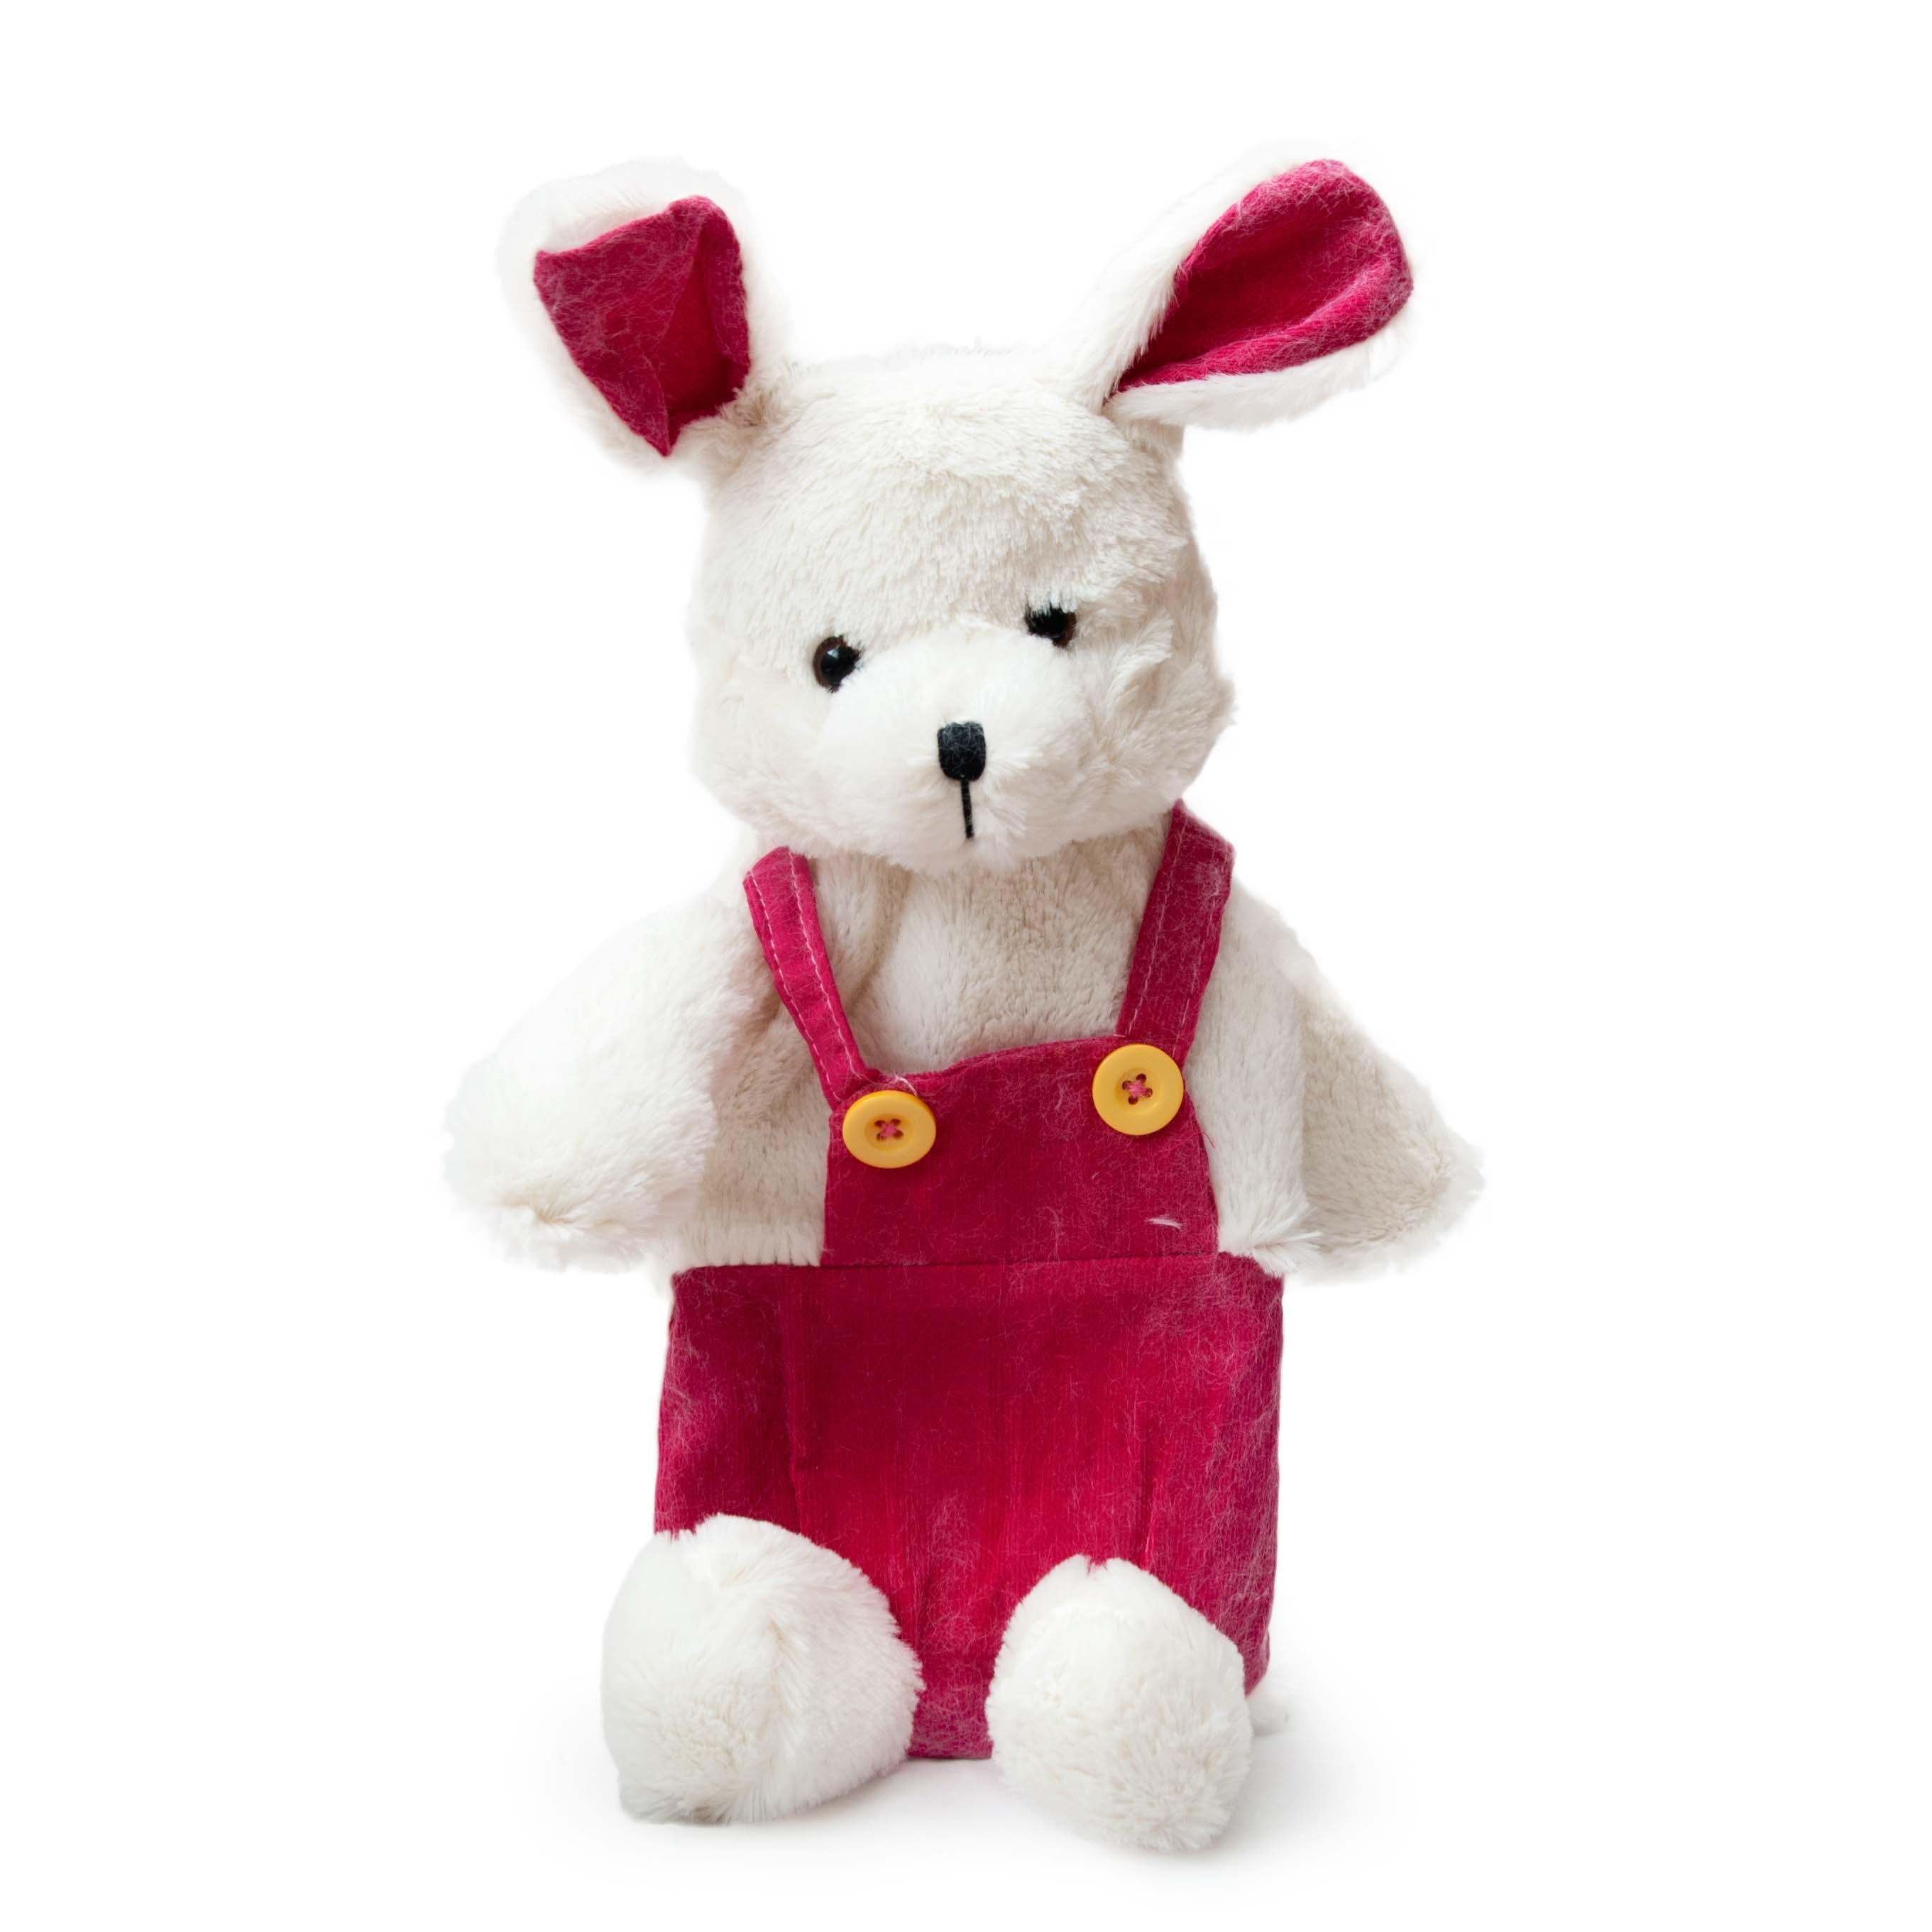 TERMOFOR S MOTIVEM - králíèek 750 ml - zvìtšit obrázek